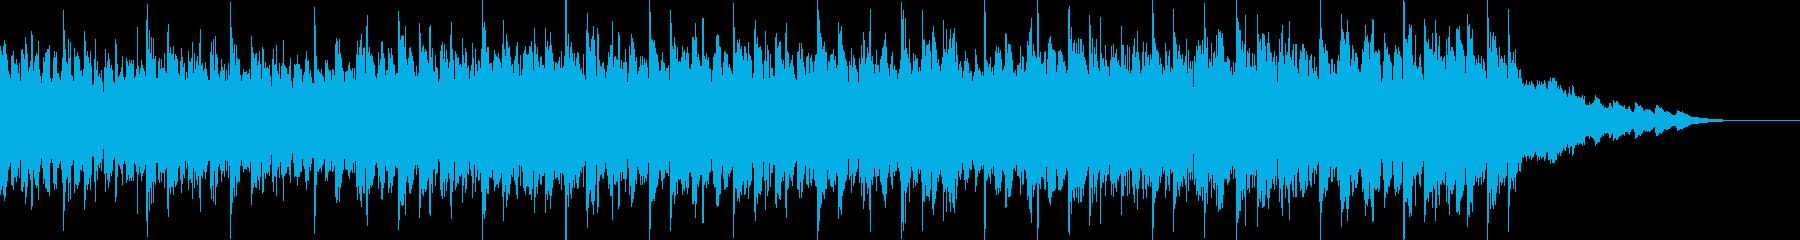 エレキギターがメインの軽快なポップスCの再生済みの波形